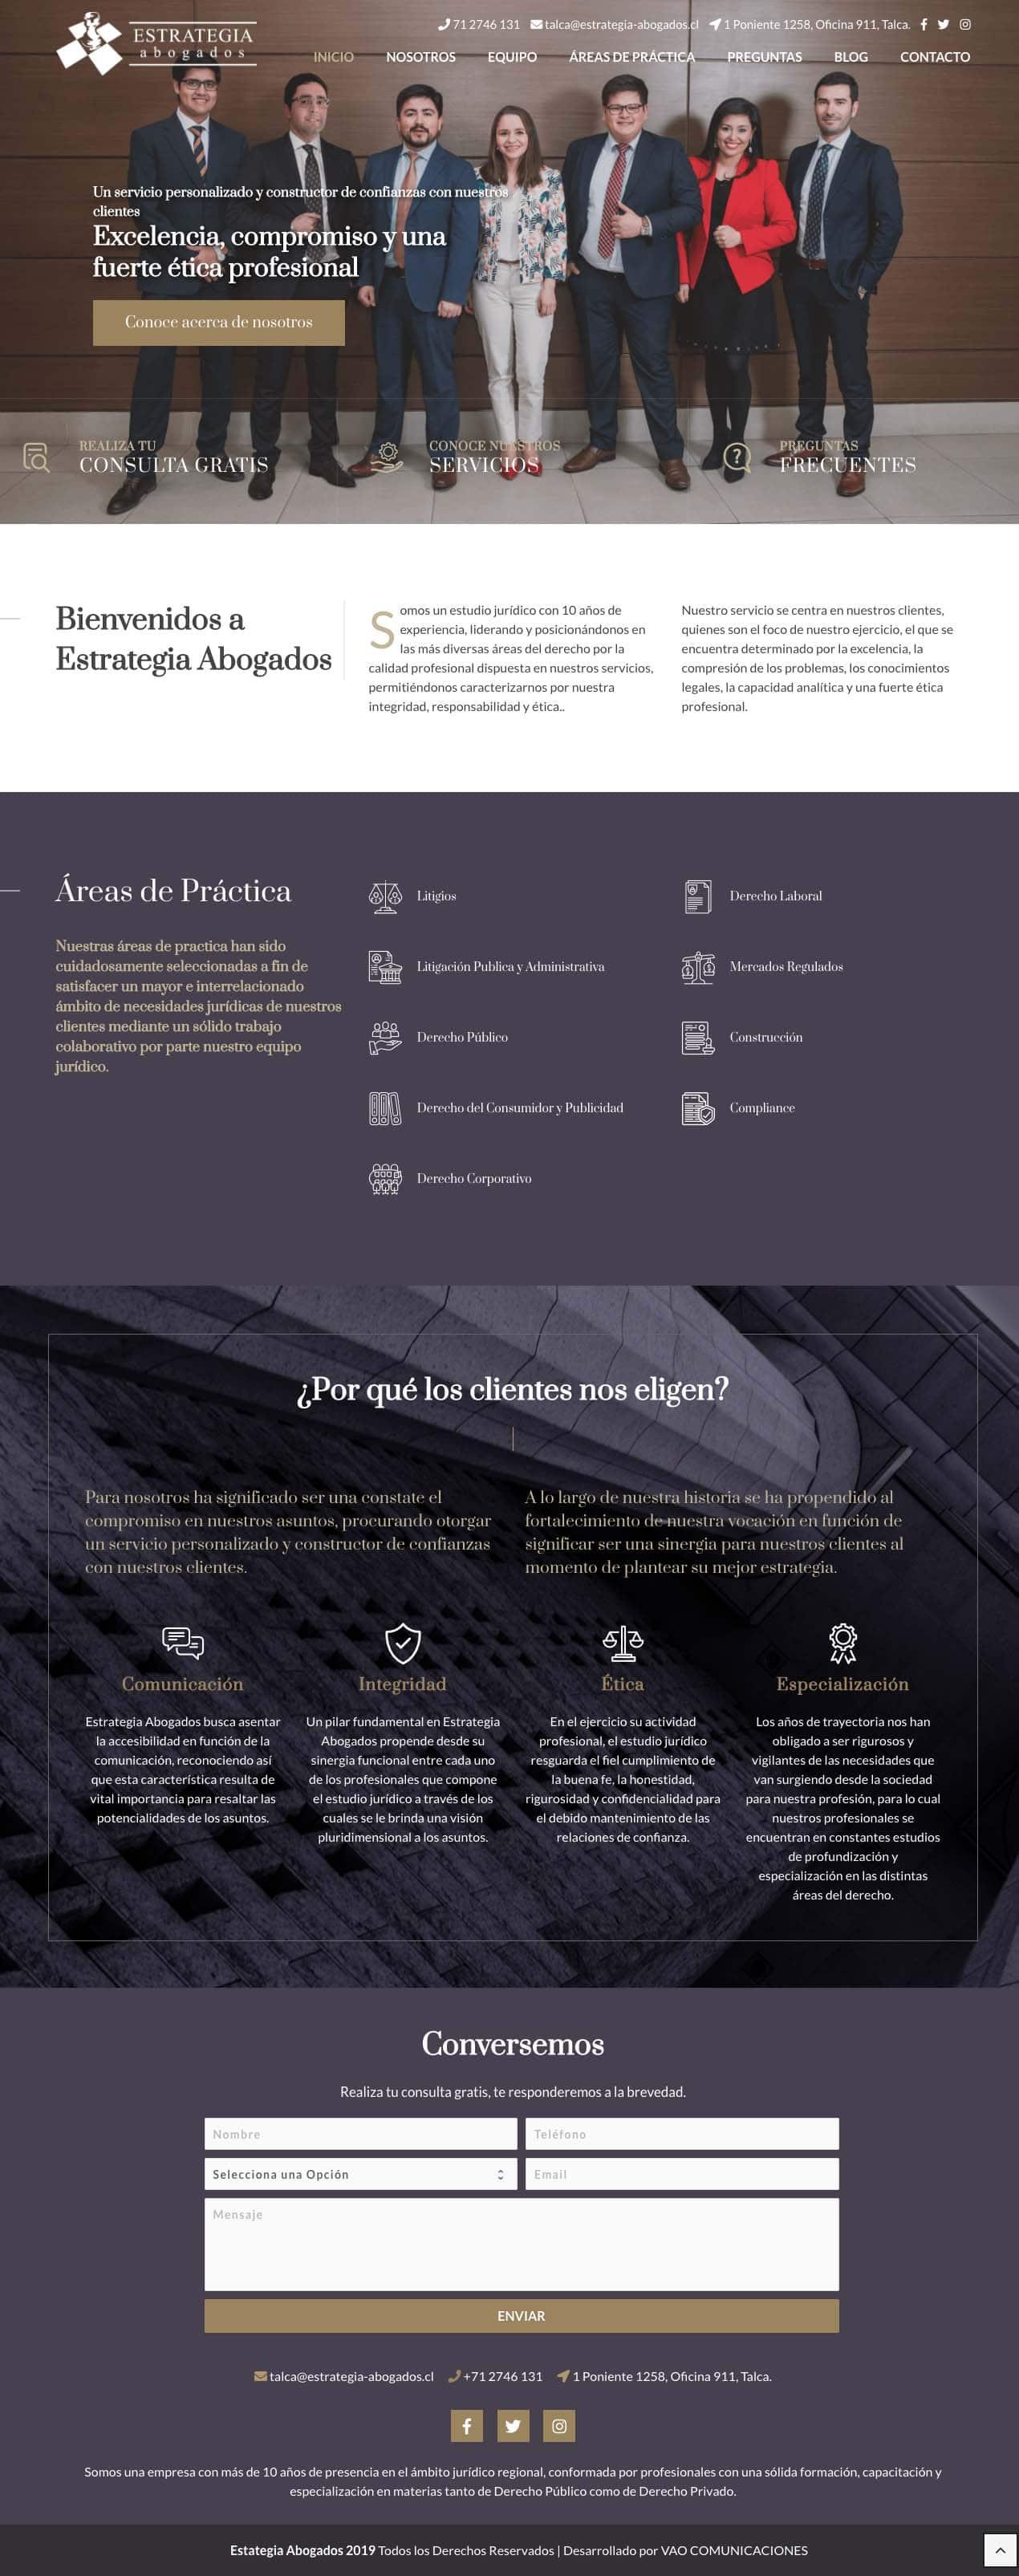 estrategia abogados sitio web - VAO Comunicaciones